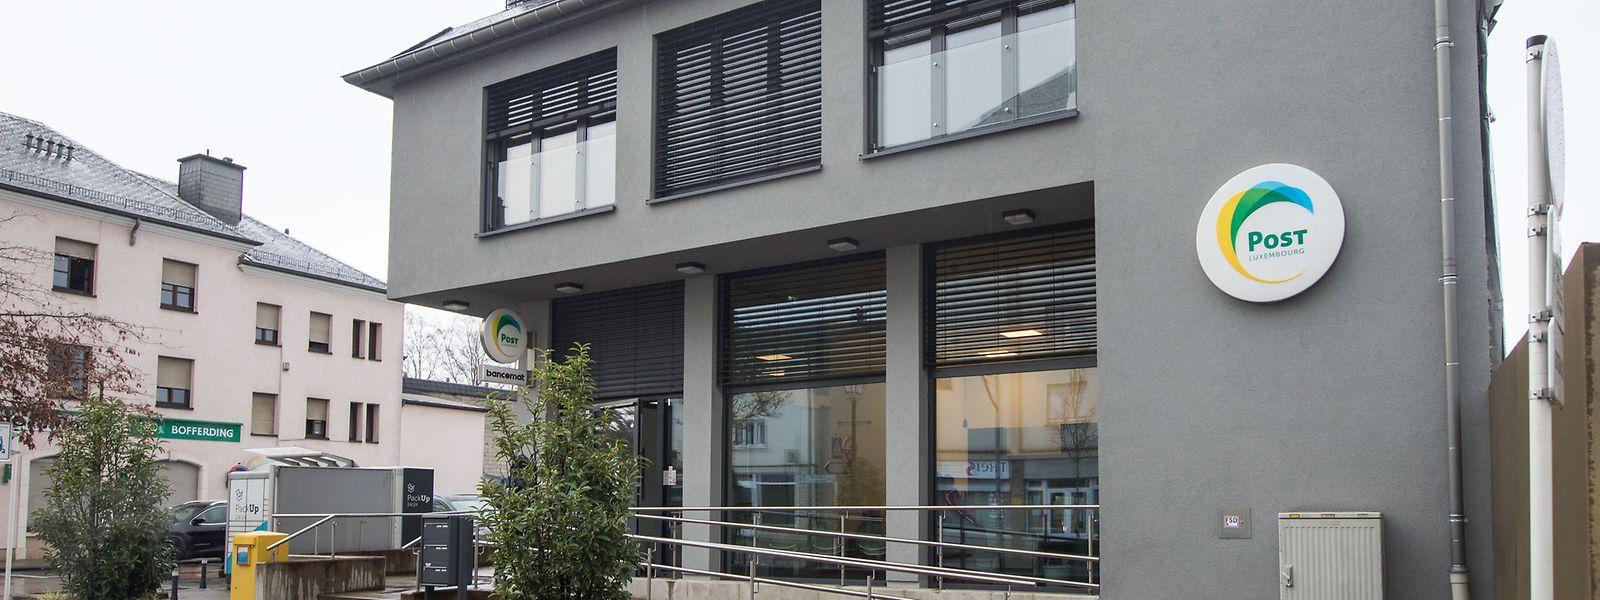 Insgesamt sechs Postgebäude werden, so wie dieses hier in Kayl, vom Fonds du logement übernommen.